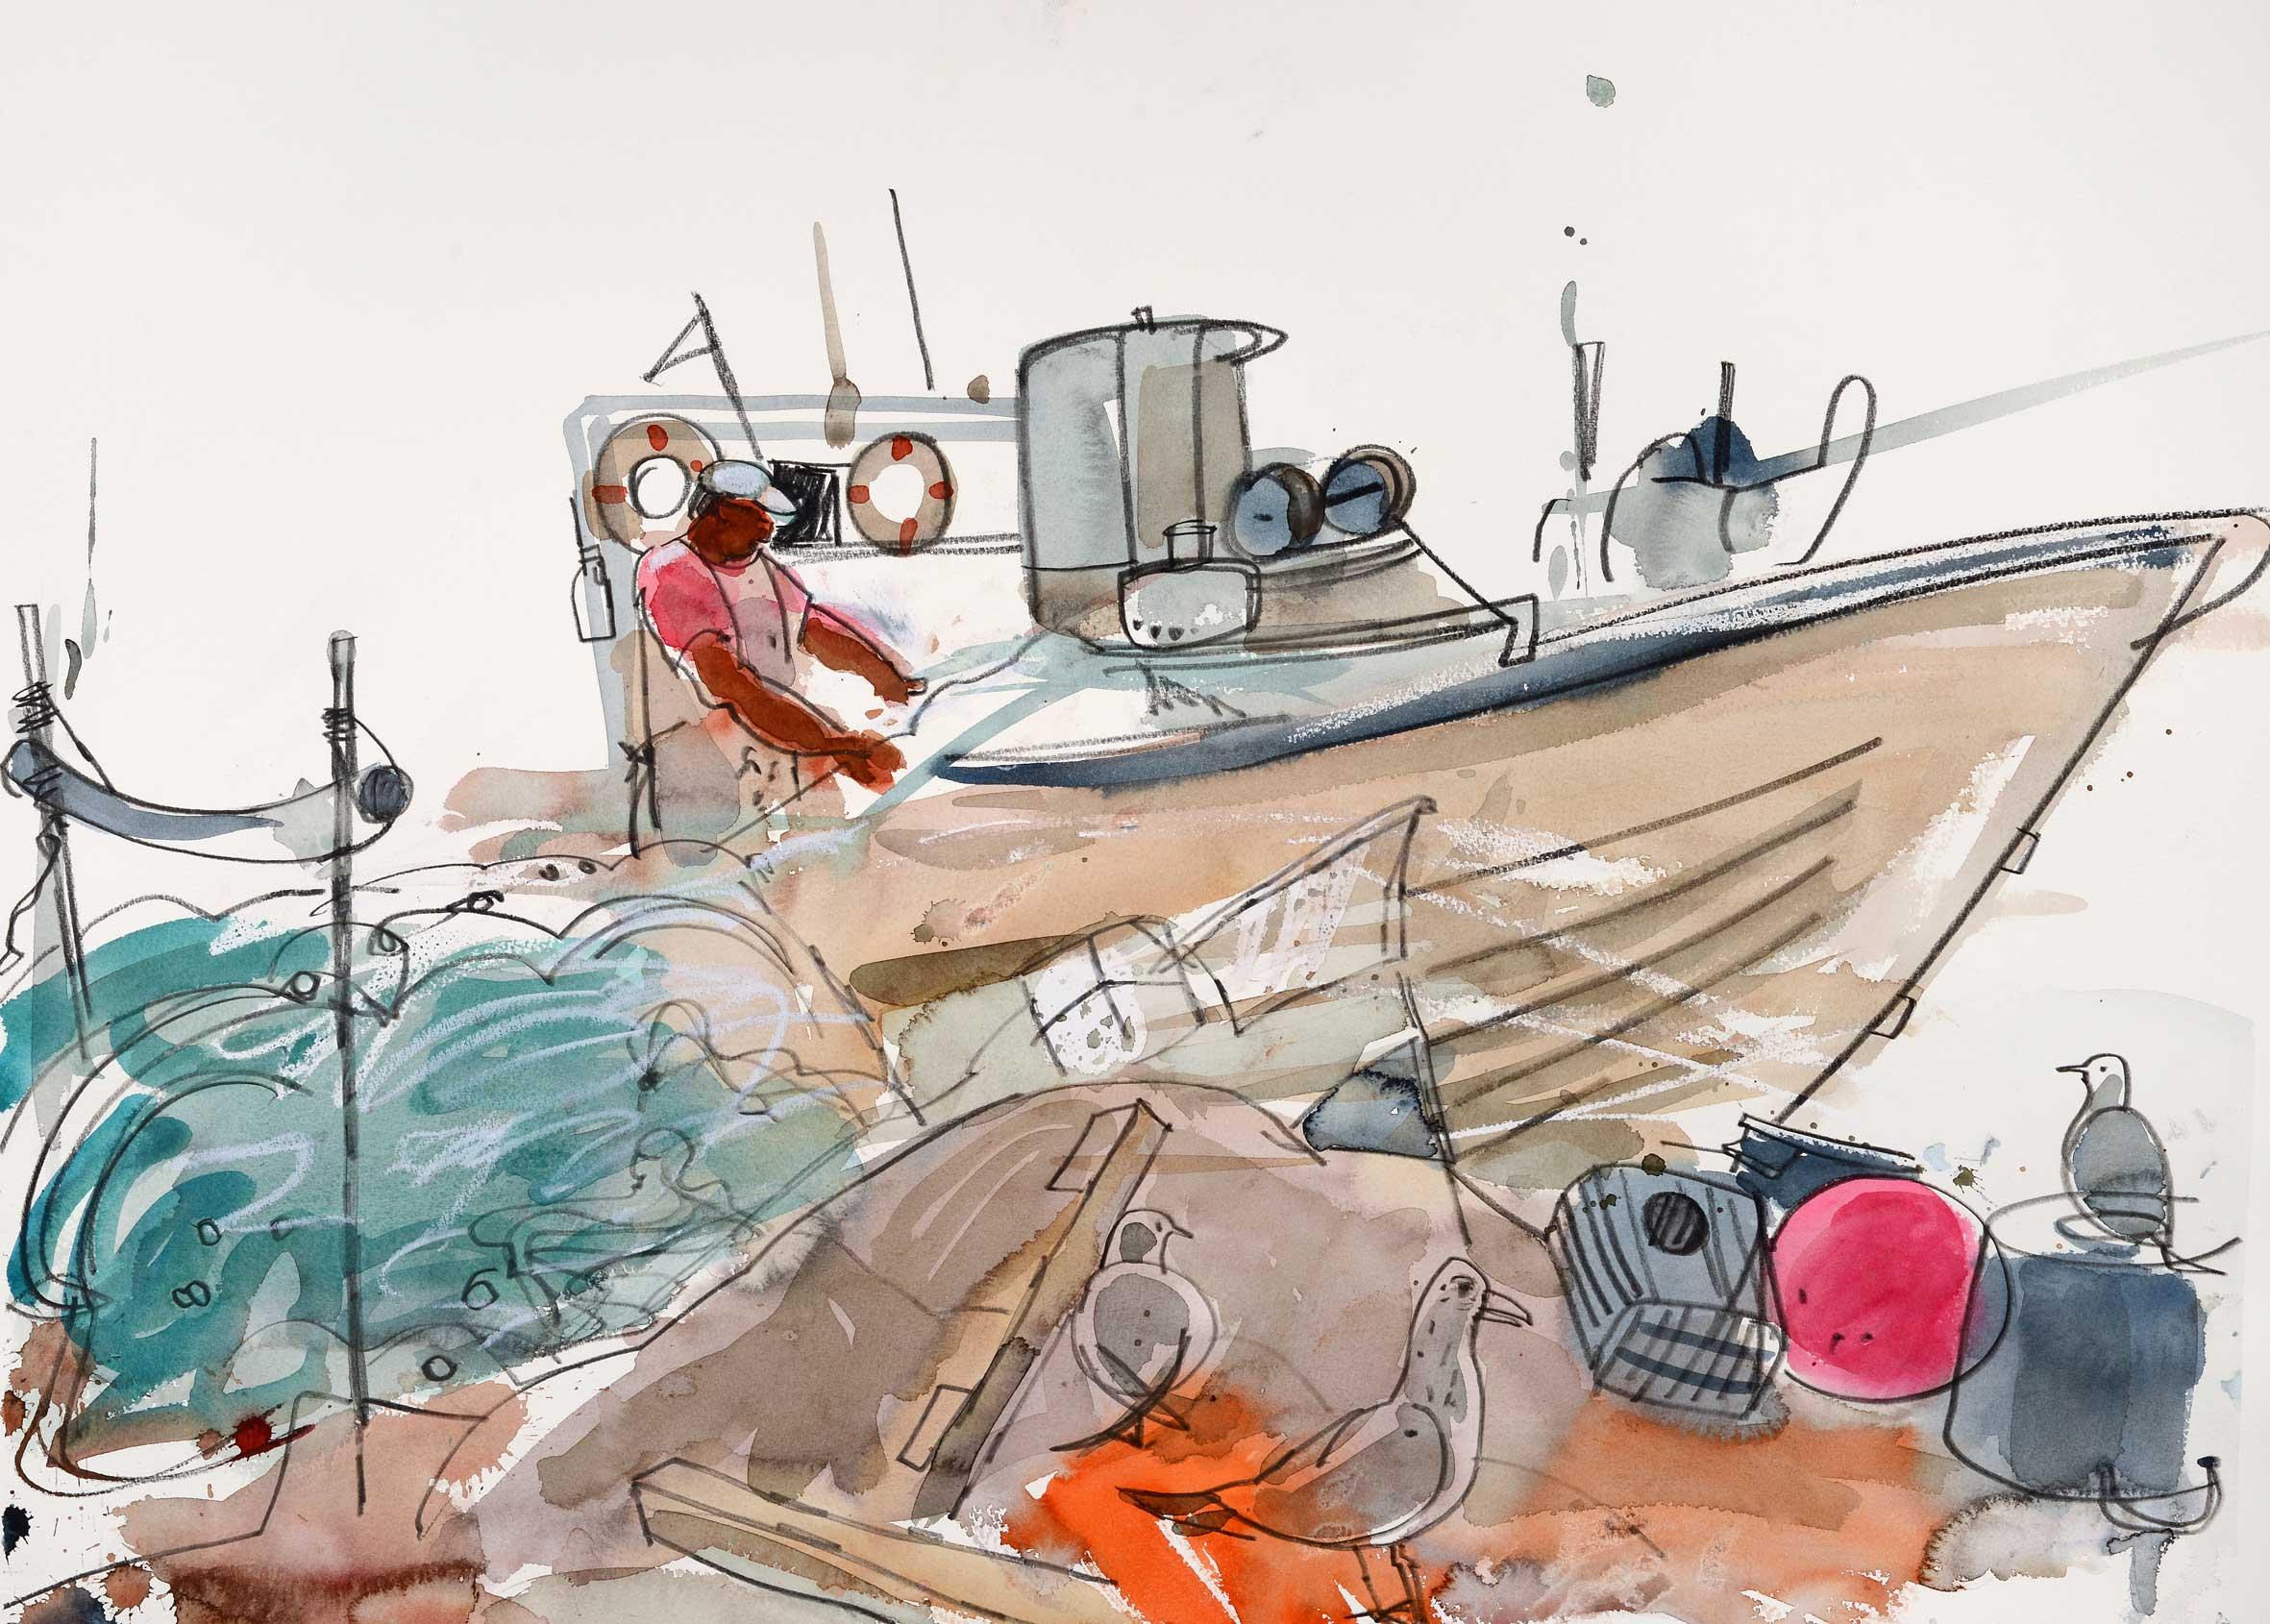 Glen Scouller RSW RGI Fisherman, Algarve